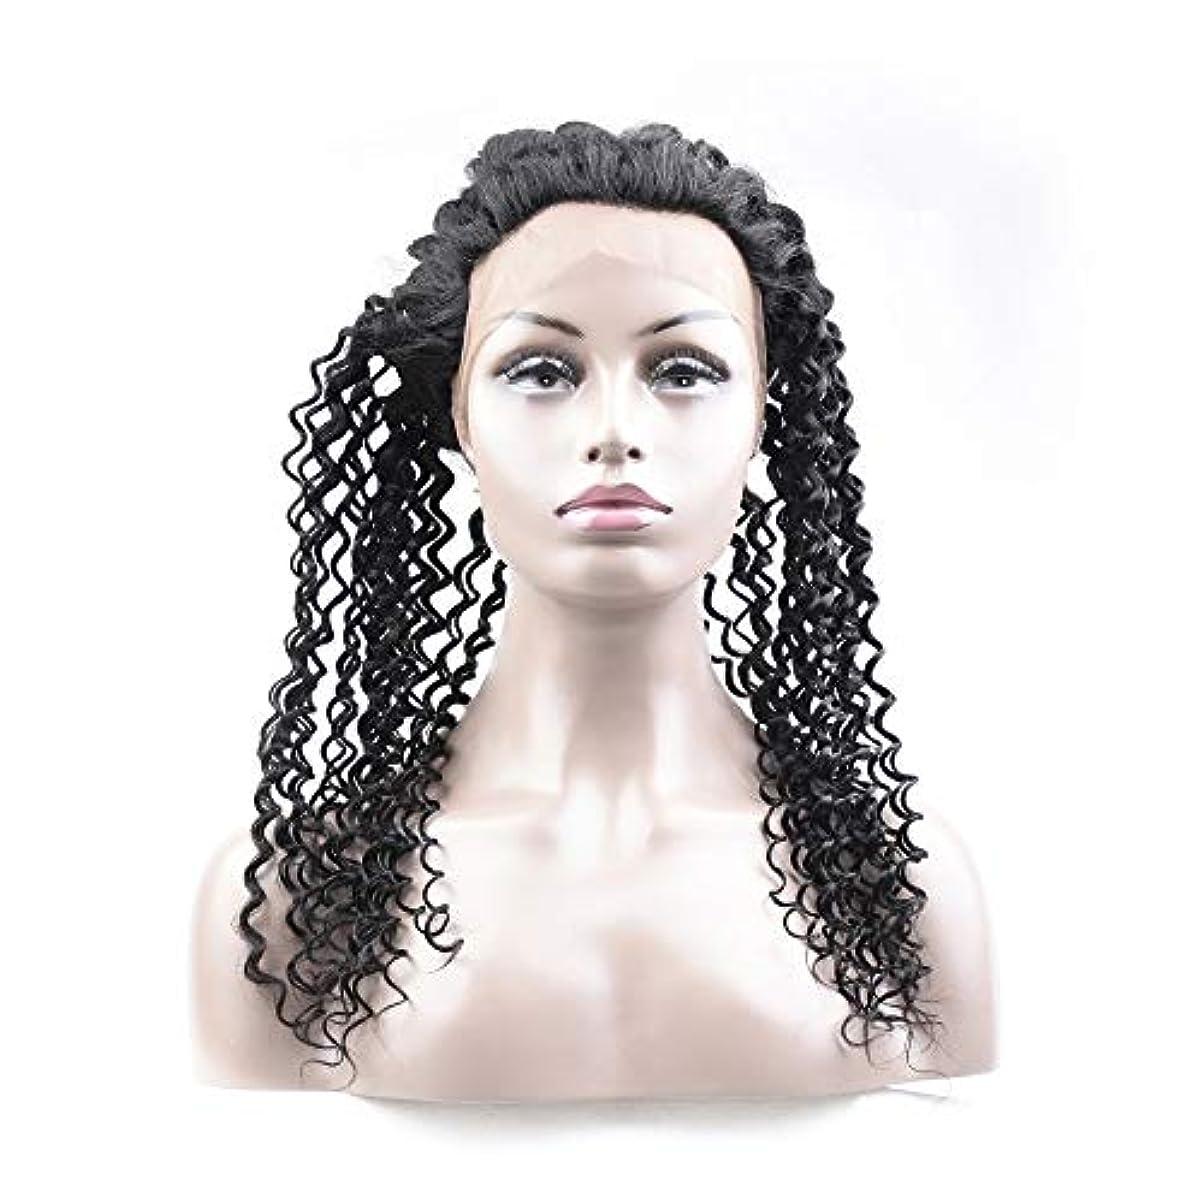 情熱的わかるノベルティHOHYLLYA ブラジルのディープウェーブ人間の髪の毛360レース前頭かつら12インチ未処理のバージンヘアウィッグナチュラルカラーロールプレイングかつら女性のかつら (色 : 黒, サイズ : 20 inch)